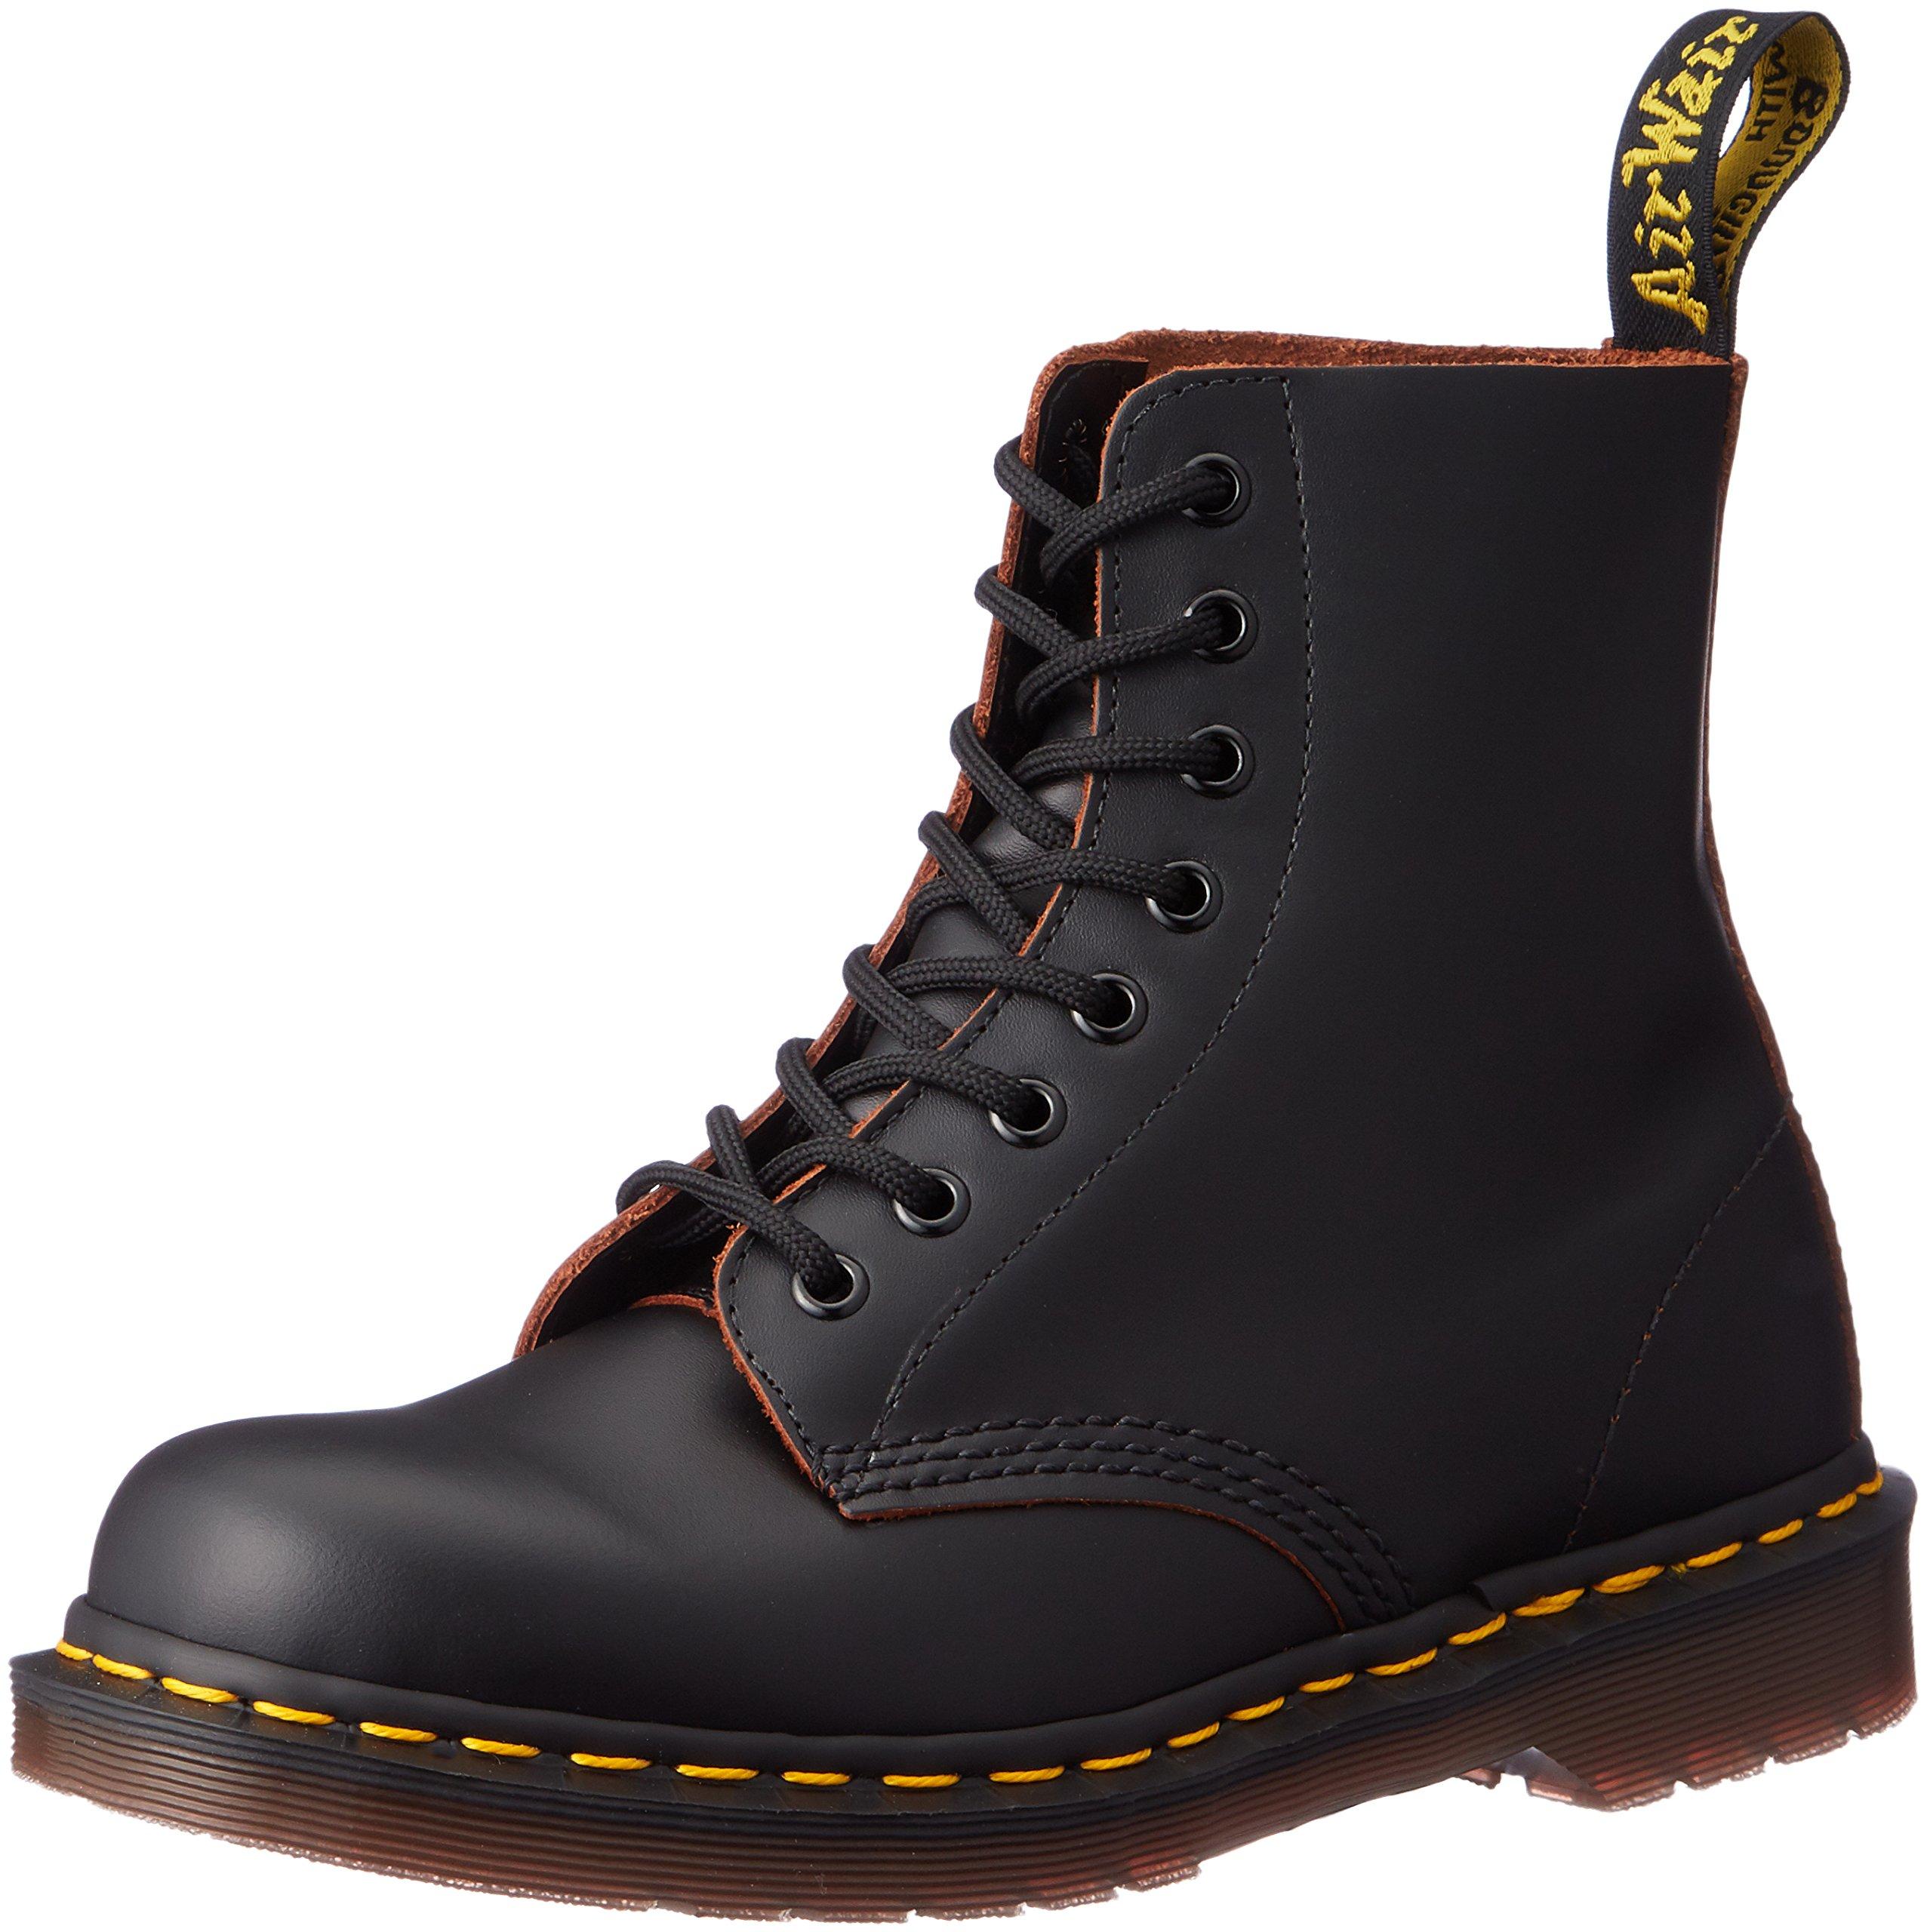 Dr. Martens Vintage 1460 Boot,Black,UK 11 (US Men's 12 M)